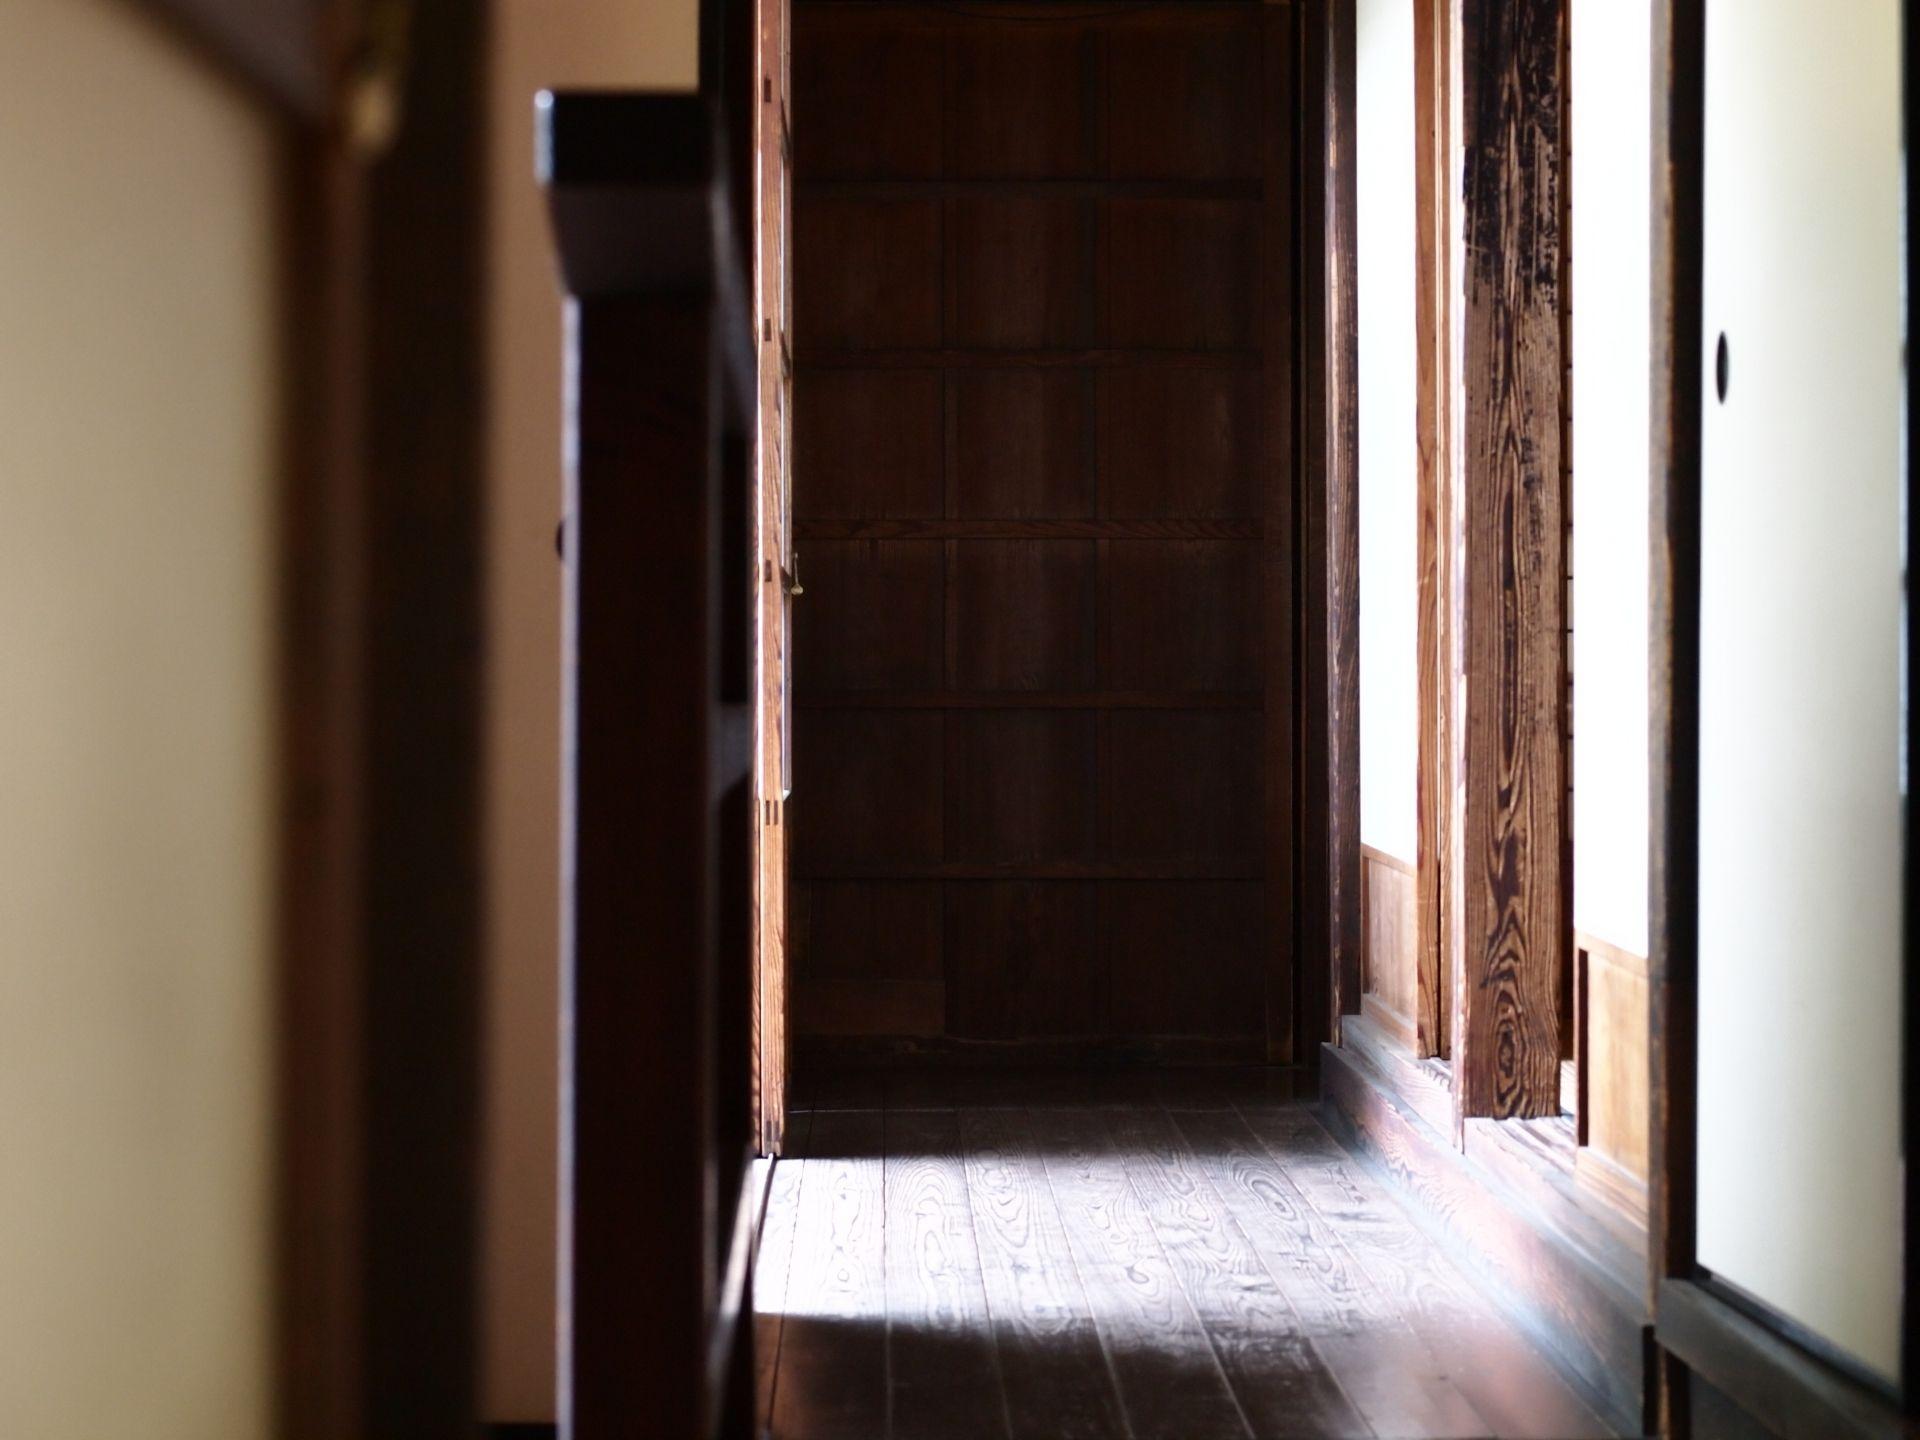 木材 木部にできたカビ取りの方法で効果的なものにはどんなものがあるのでしょうか 窓枠や家具など木材 木部でできた箇所にカビが生えてしまった場合の効果的な掃除のコツを紹介します カビ取り 木材 窓枠